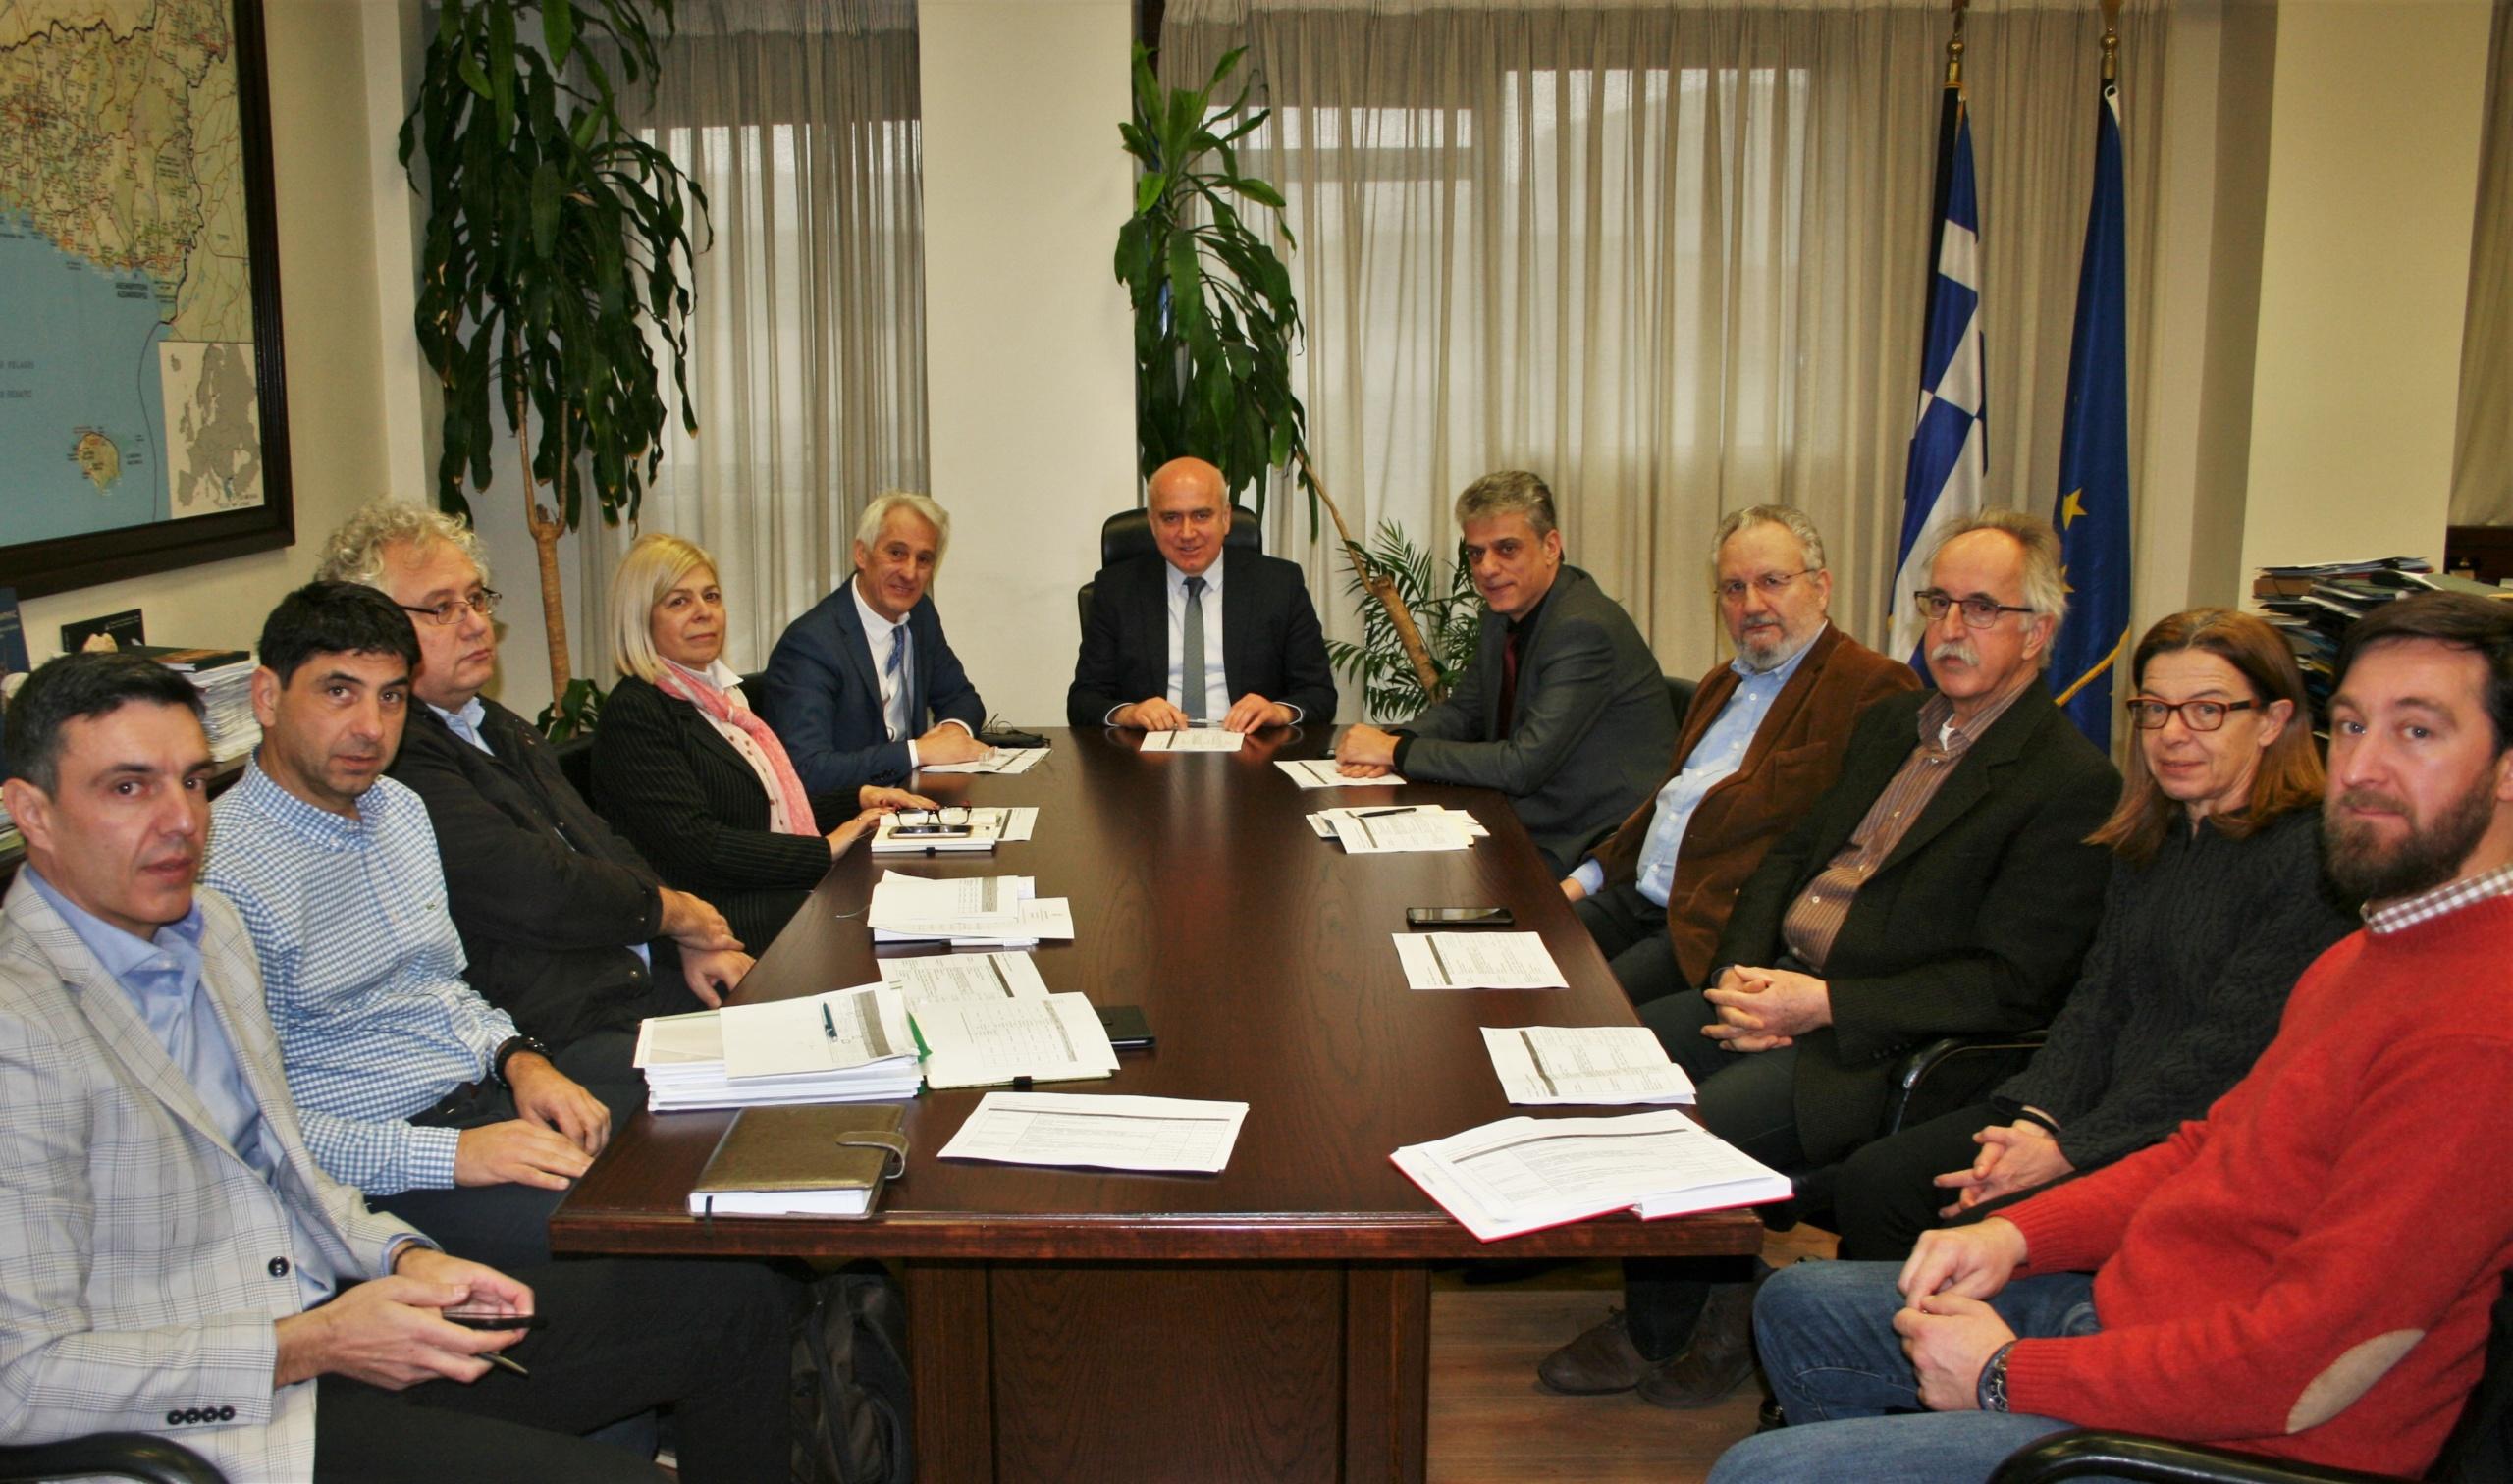 Περιφέρεια ΑΜΘ: Σύσκεψη για την ολοκληρωμένη επεξεργασία των απορριμμάτων